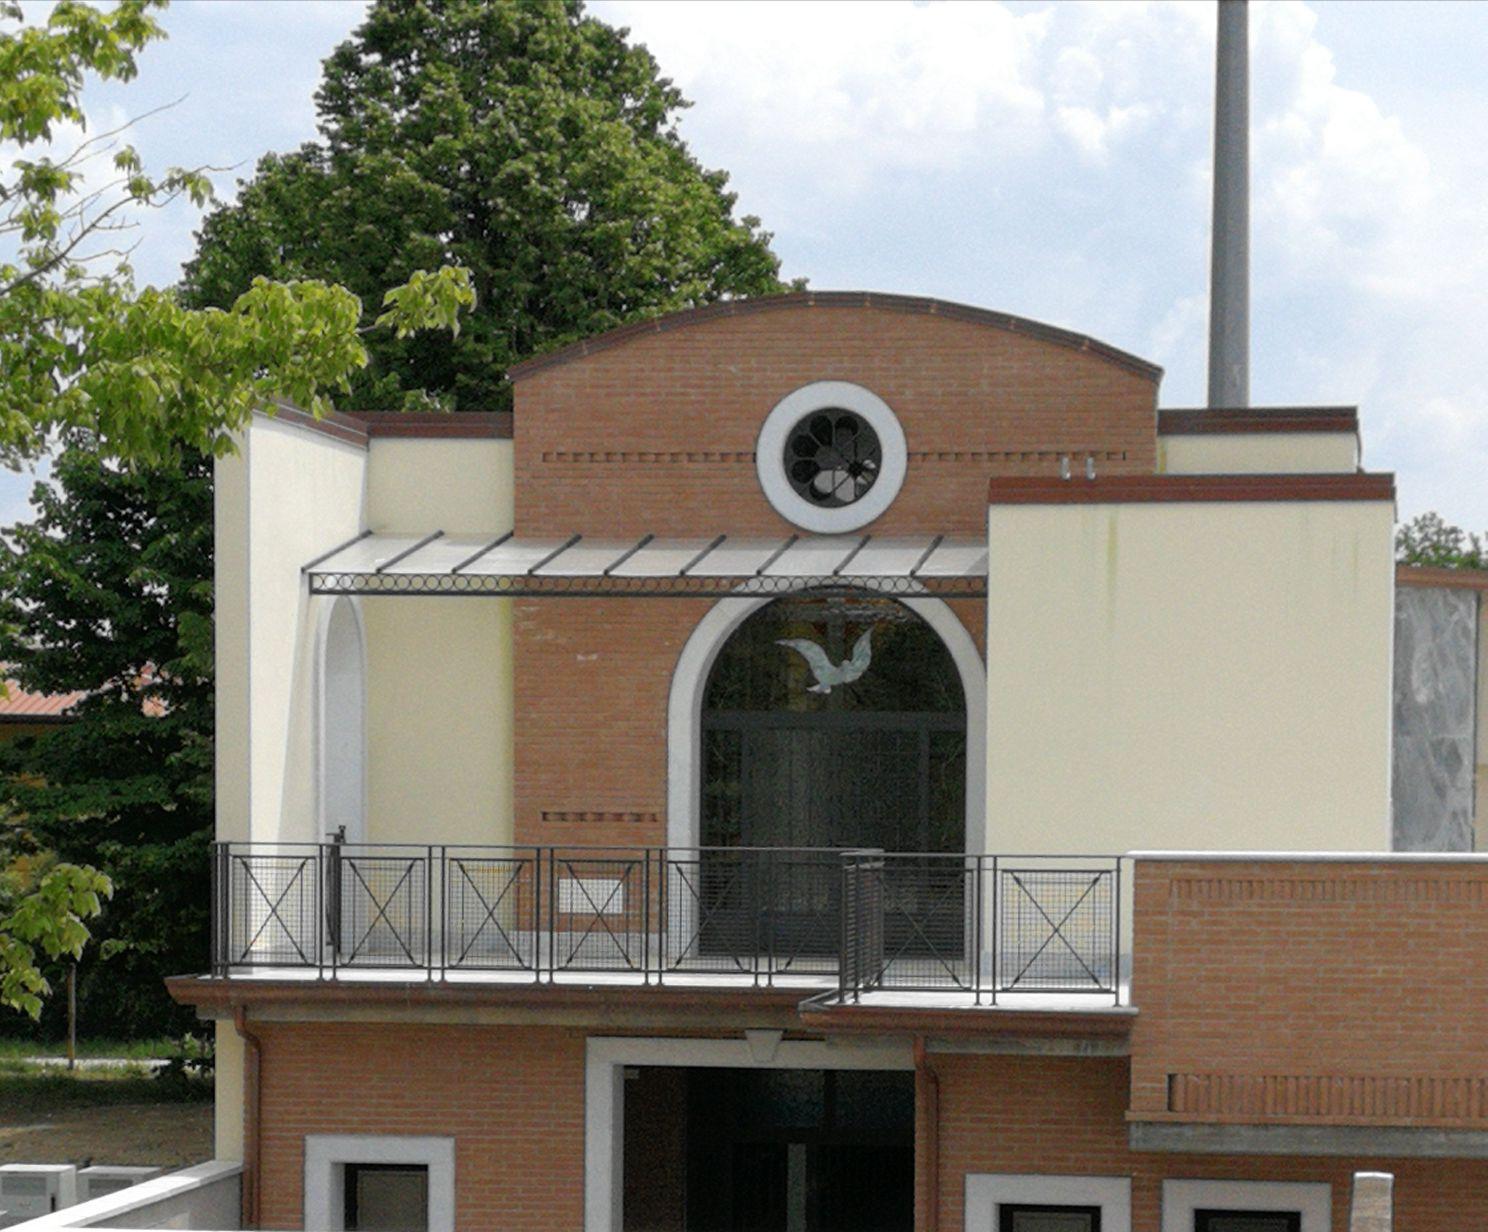 Cimitero comunale di Forte dei Marmi, pronti per la concessione 430 nuovi loculi